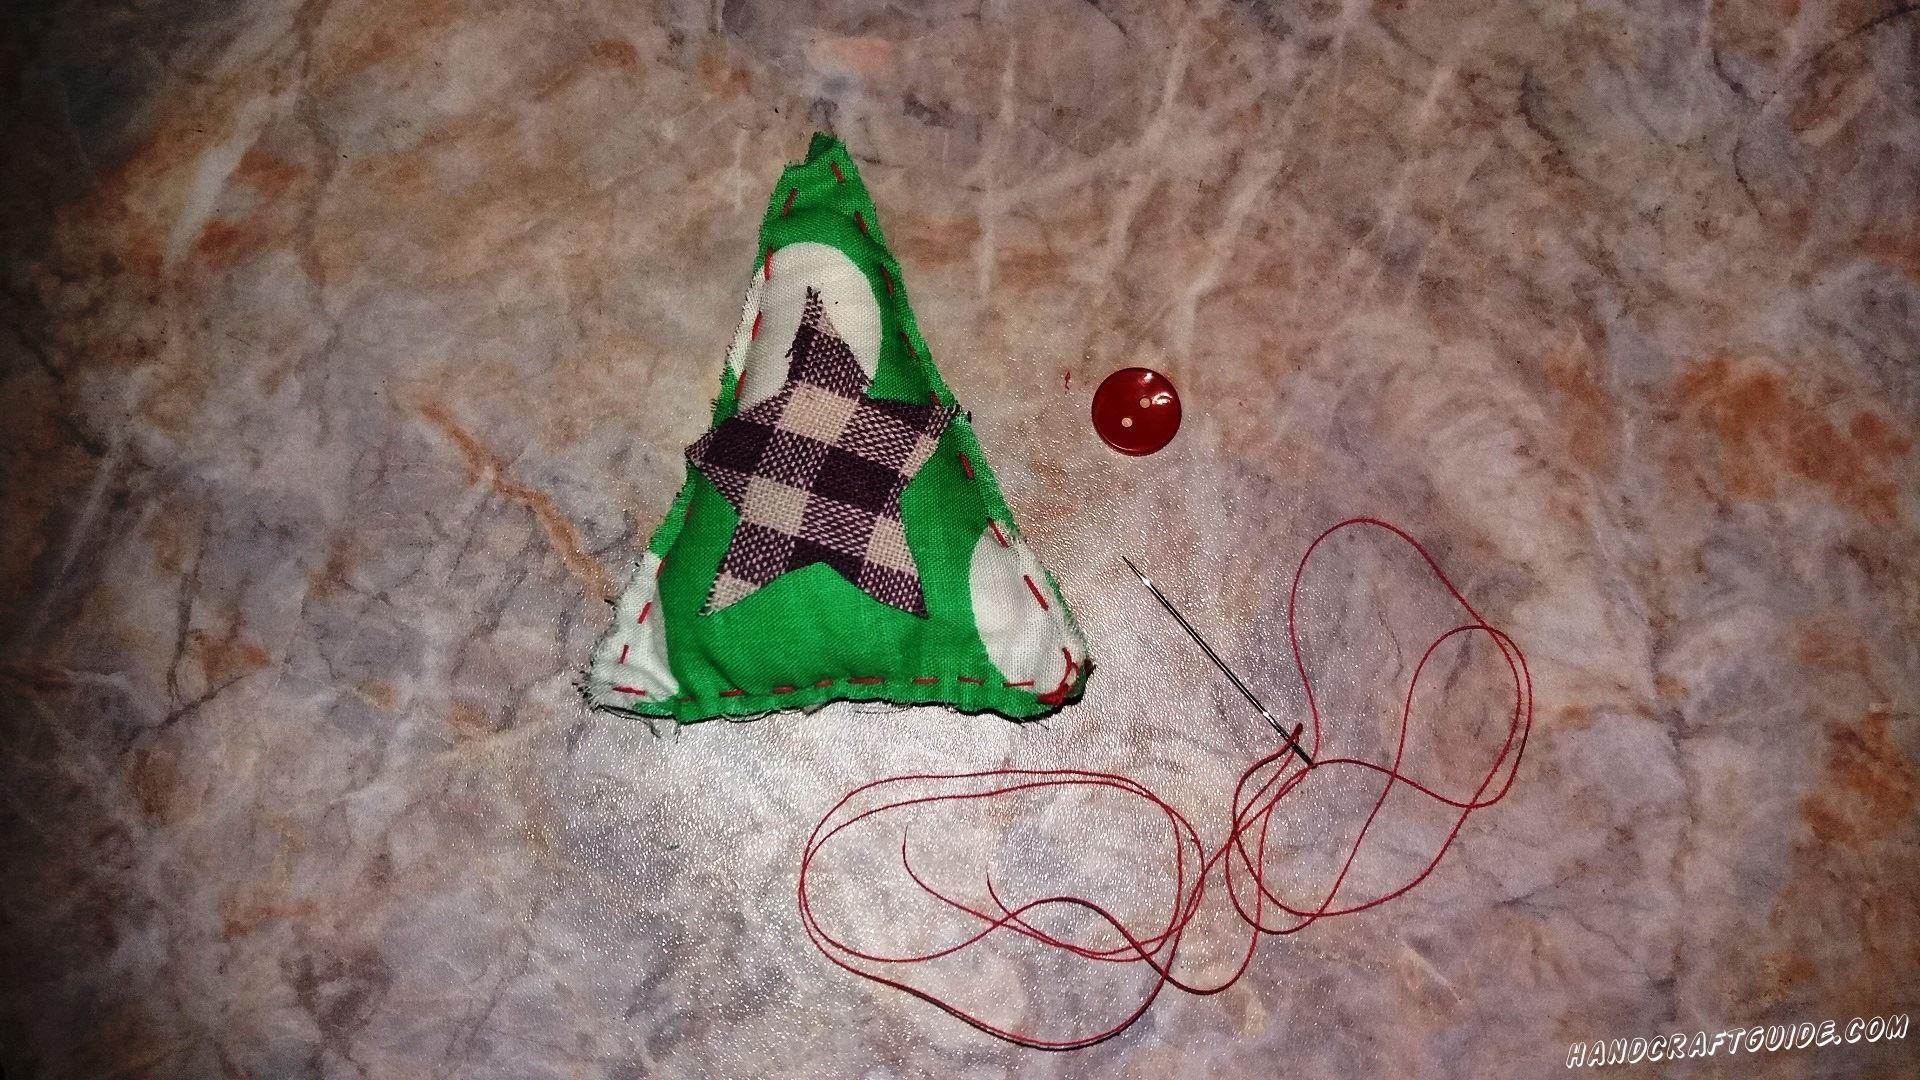 И закончим выполнение: сверху ёлочки мы пришьем пуговку, а снизу приклеиваем зубочистку. Осталось только прикрепить ниточку, чтоб можно было повесить нашу игрушку.